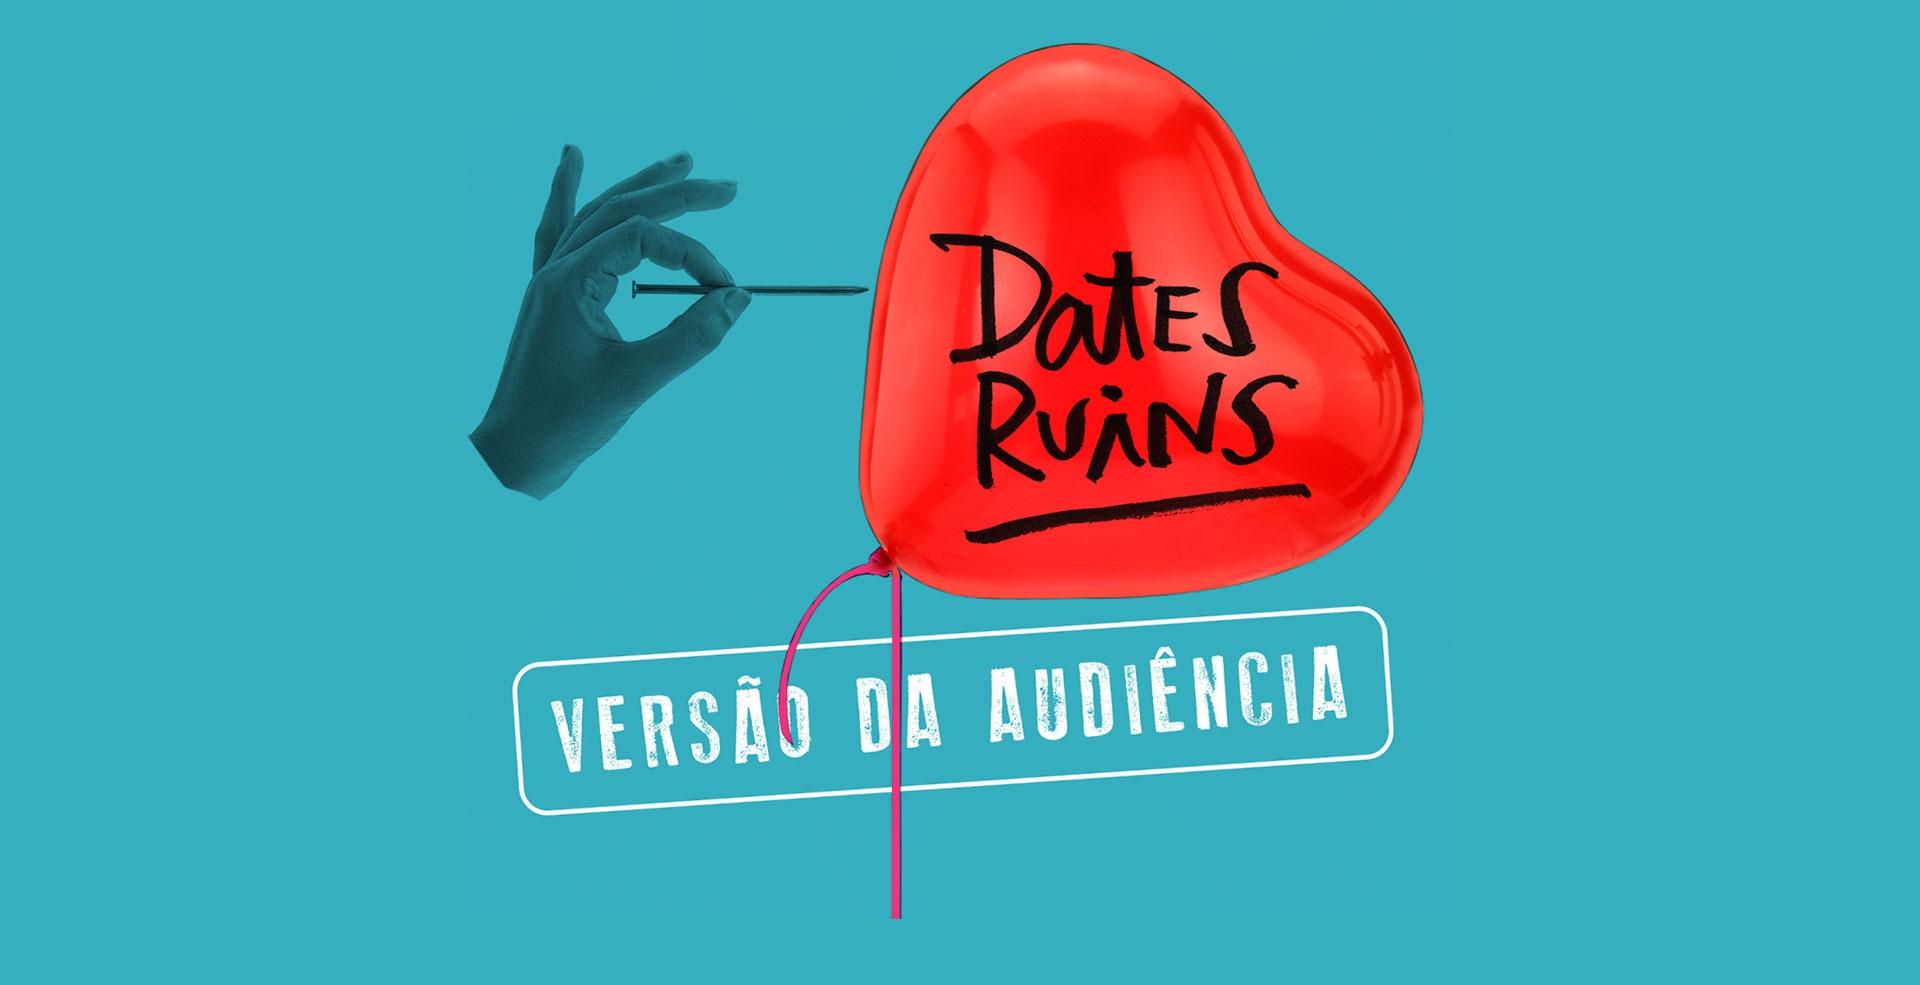 Dates ruins – versão da audiência